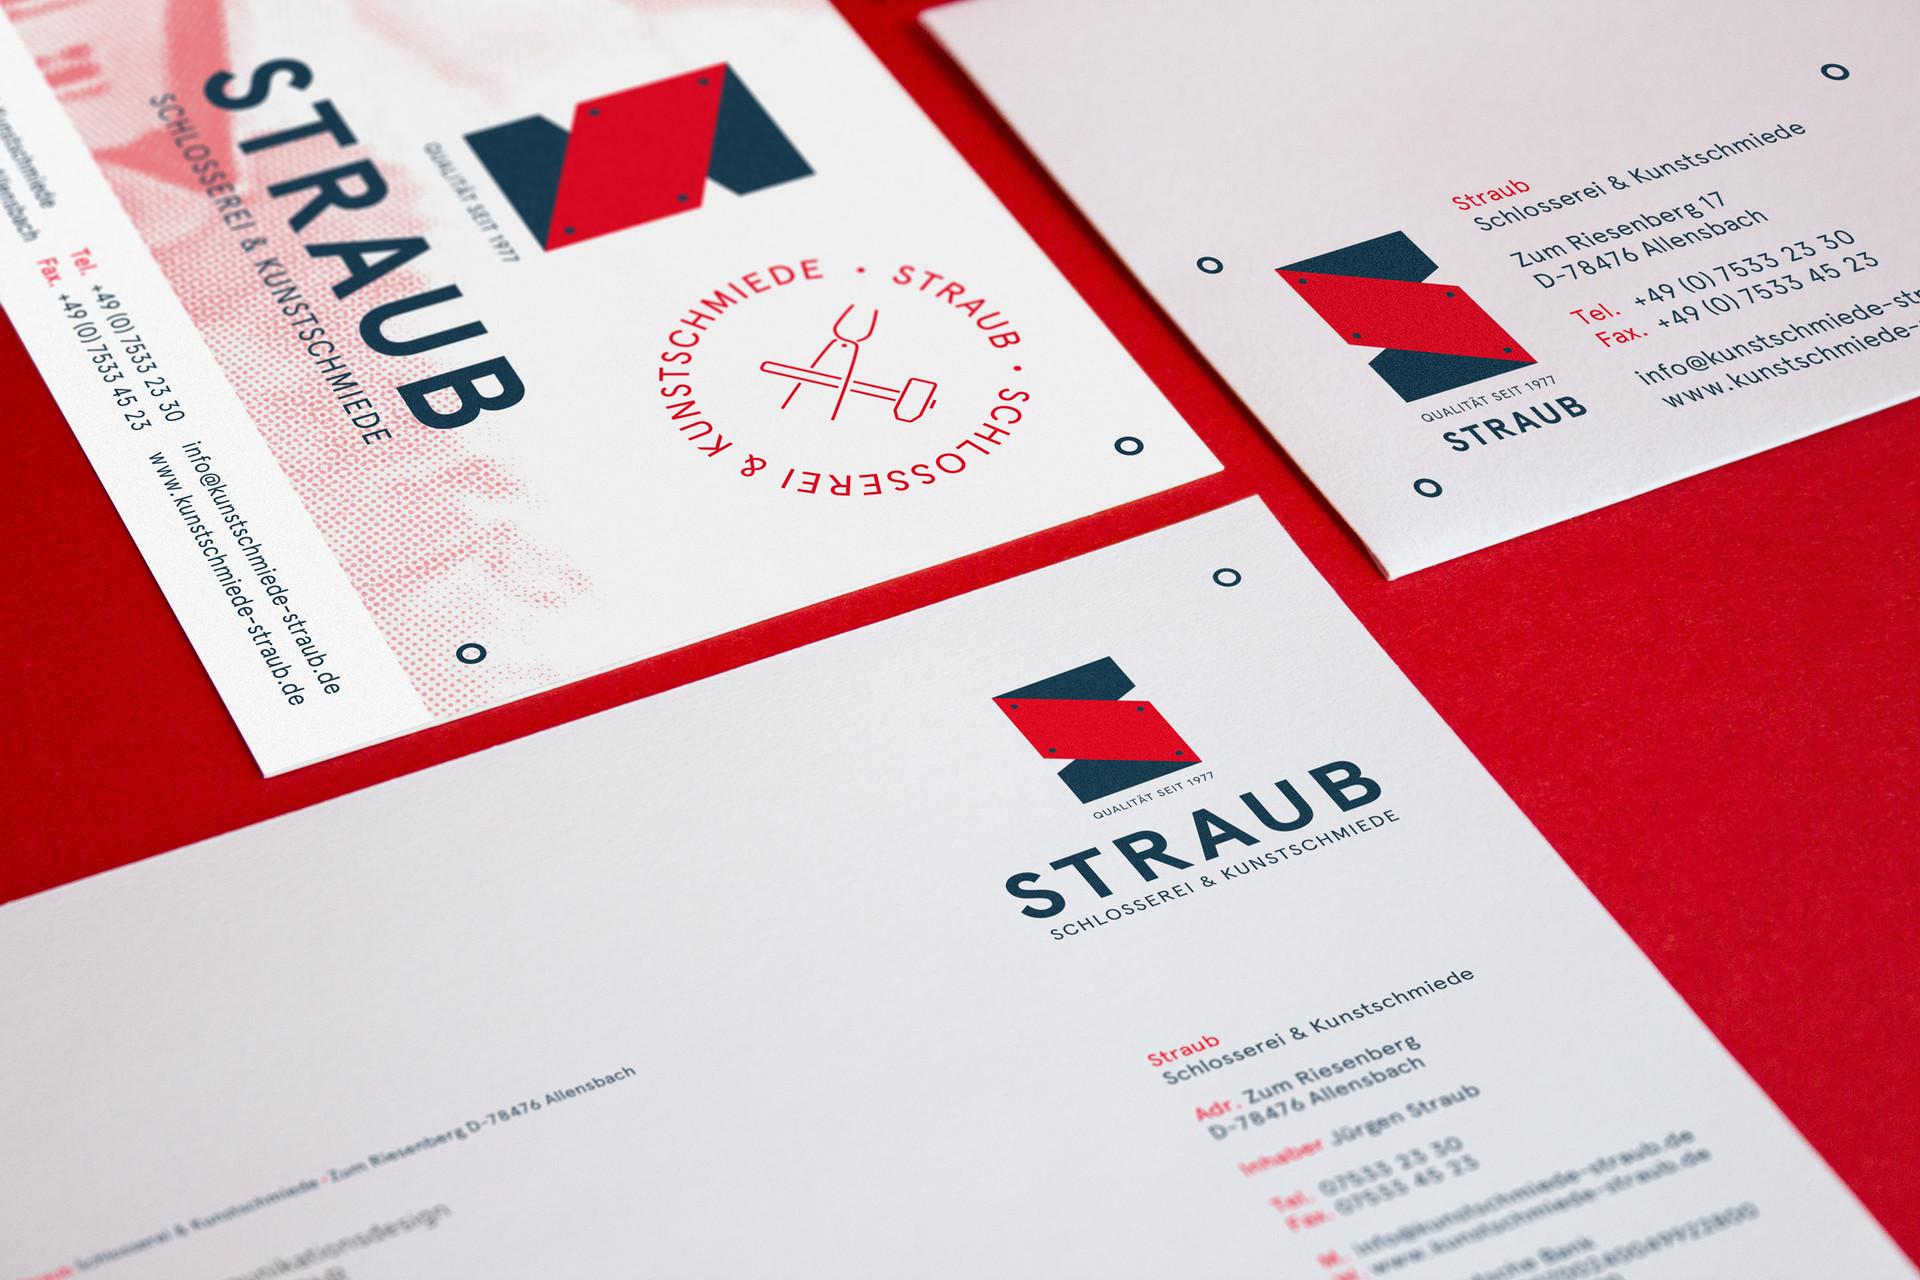 Straub-06.jpg